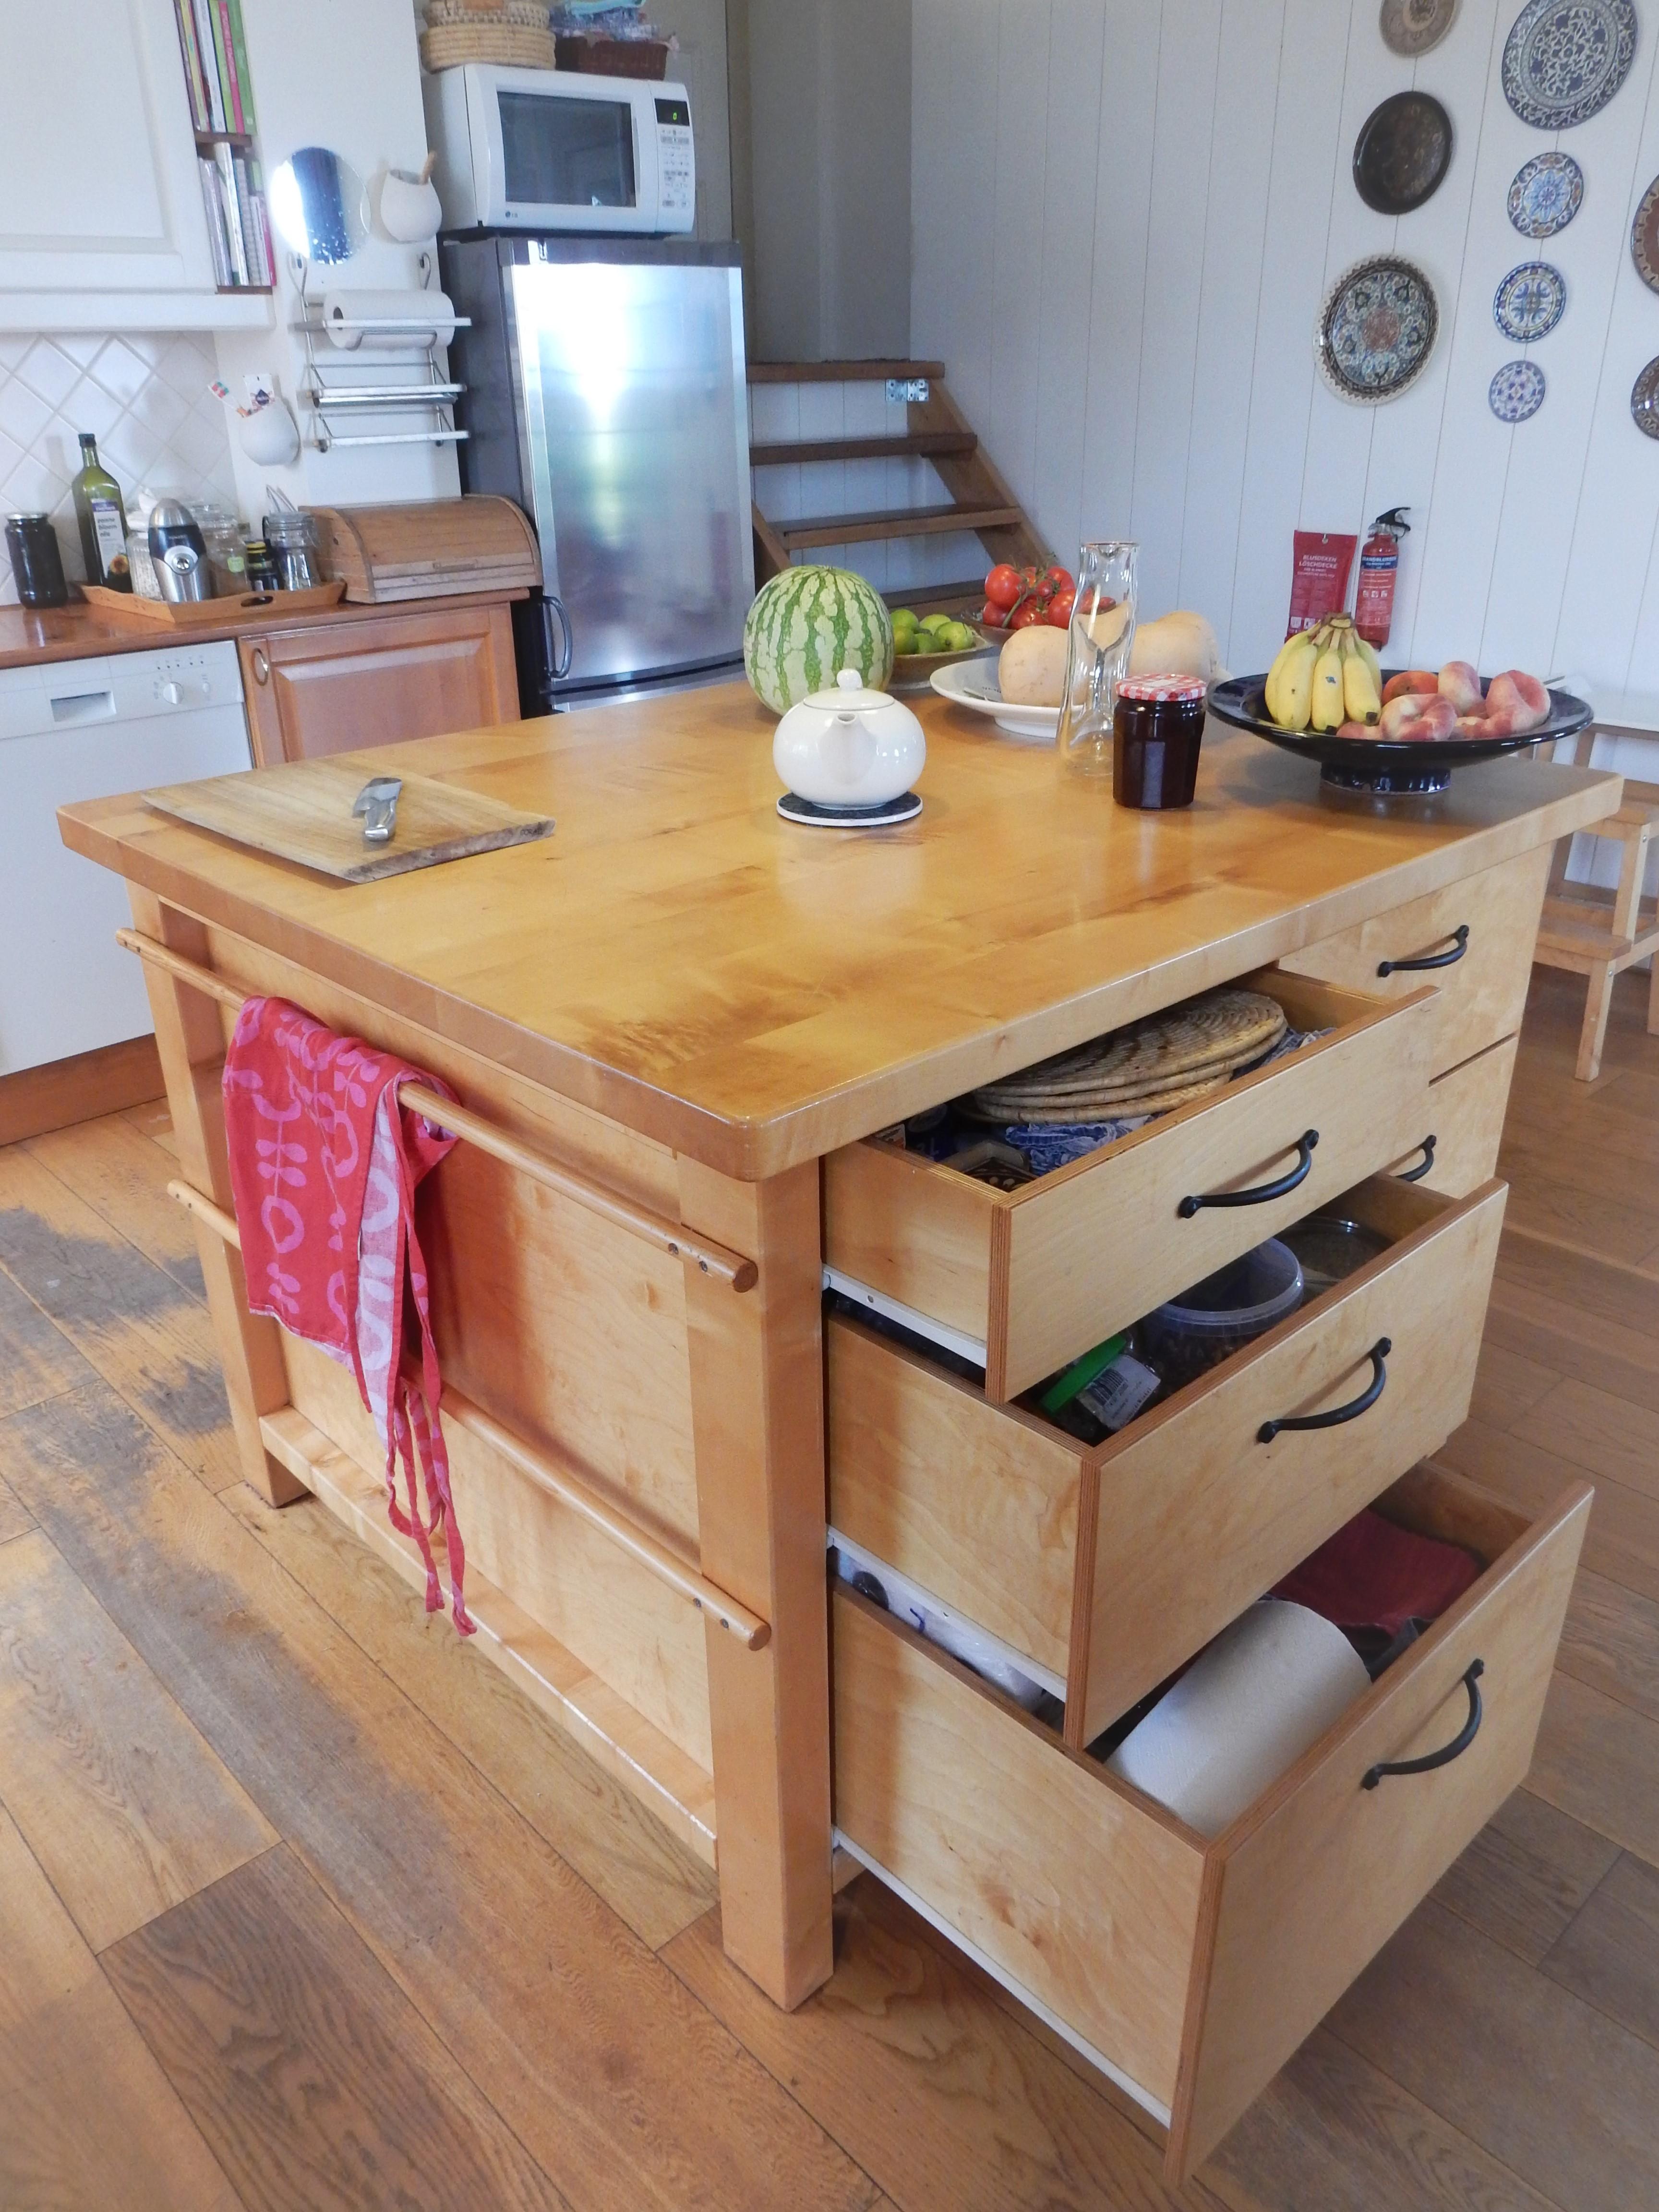 Robuust houten kookeiland